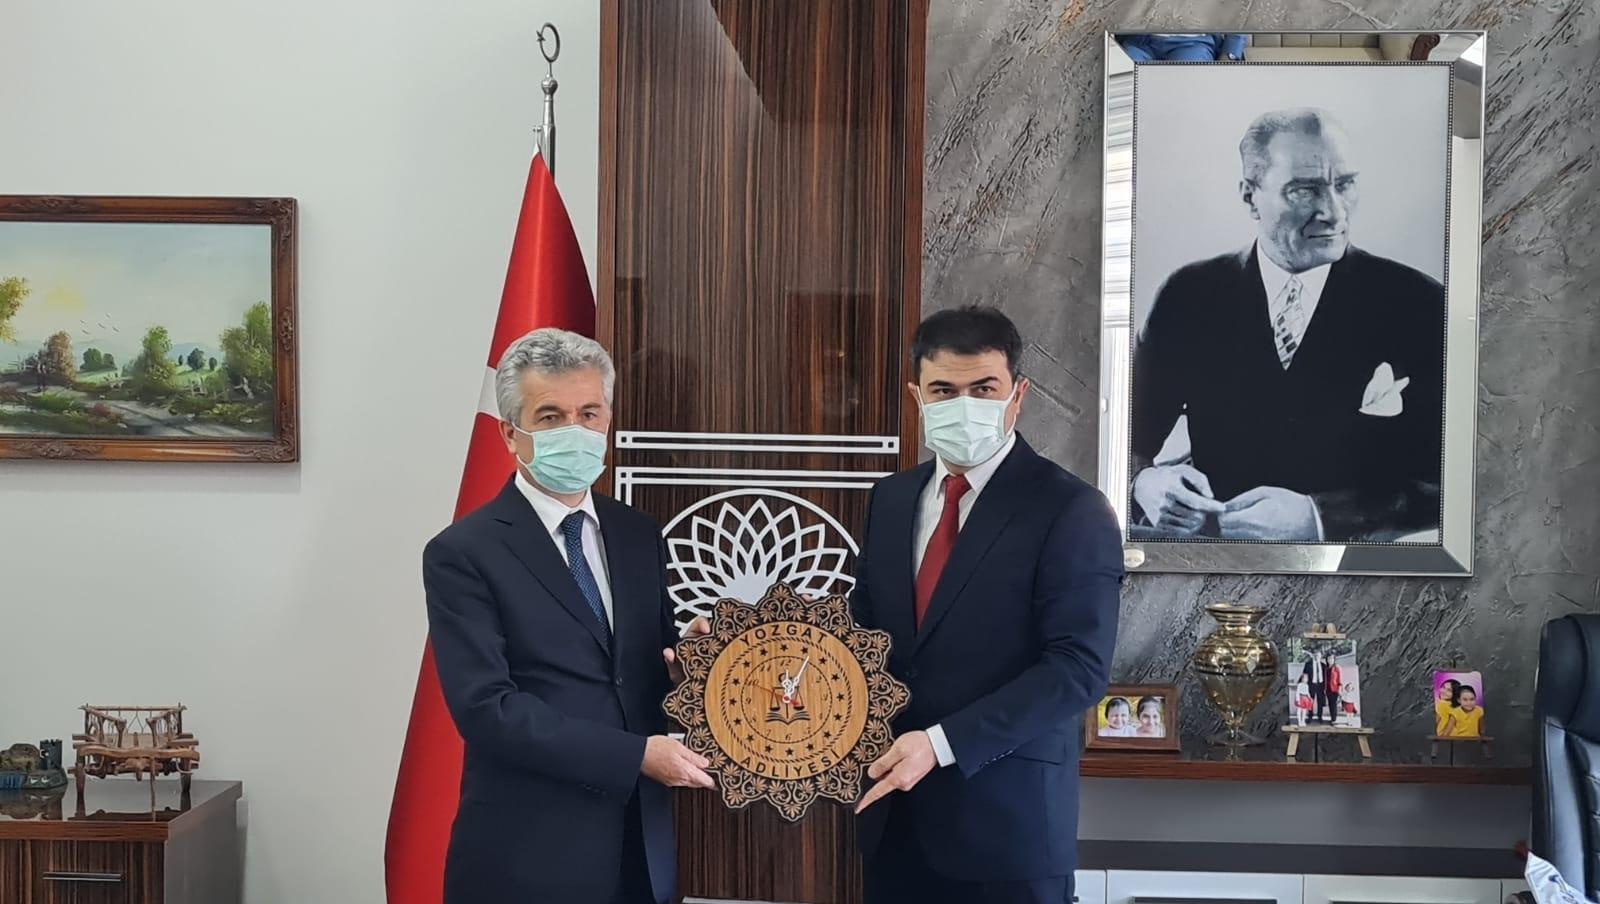 Danıştay Başkanı Yiğit'ten Başsavcı Uçak'a ziyaret